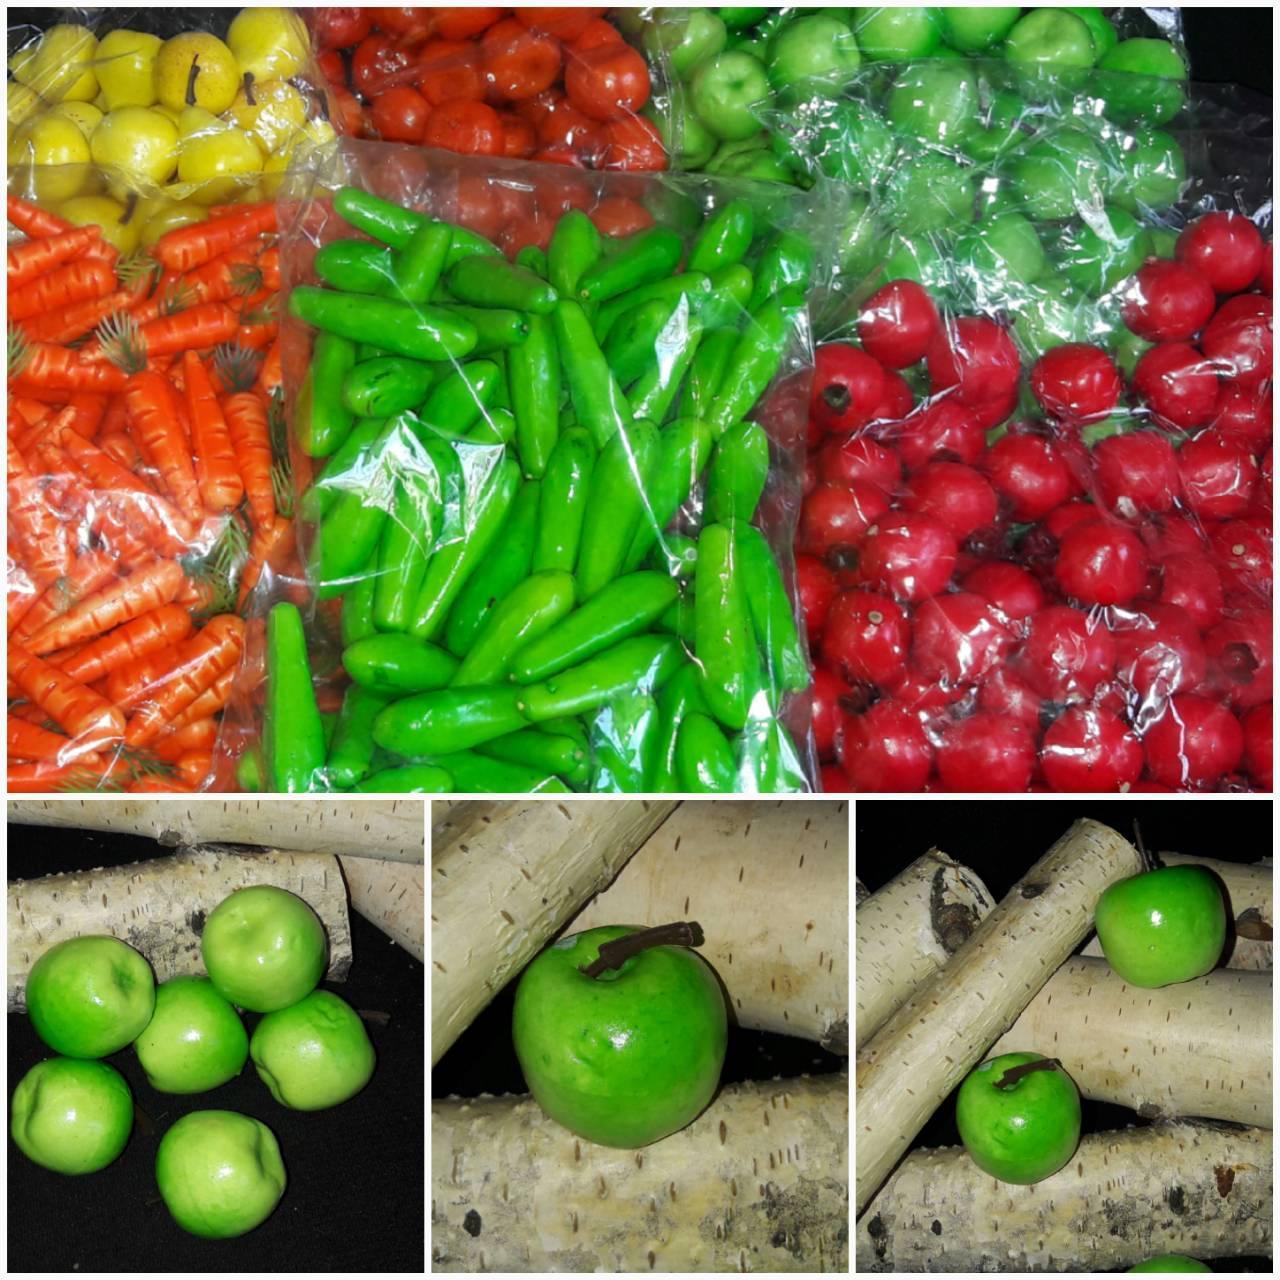 Яблочки искусственные - муляж из пенопласта h-4 см, 50 шт\уп., 125 грн